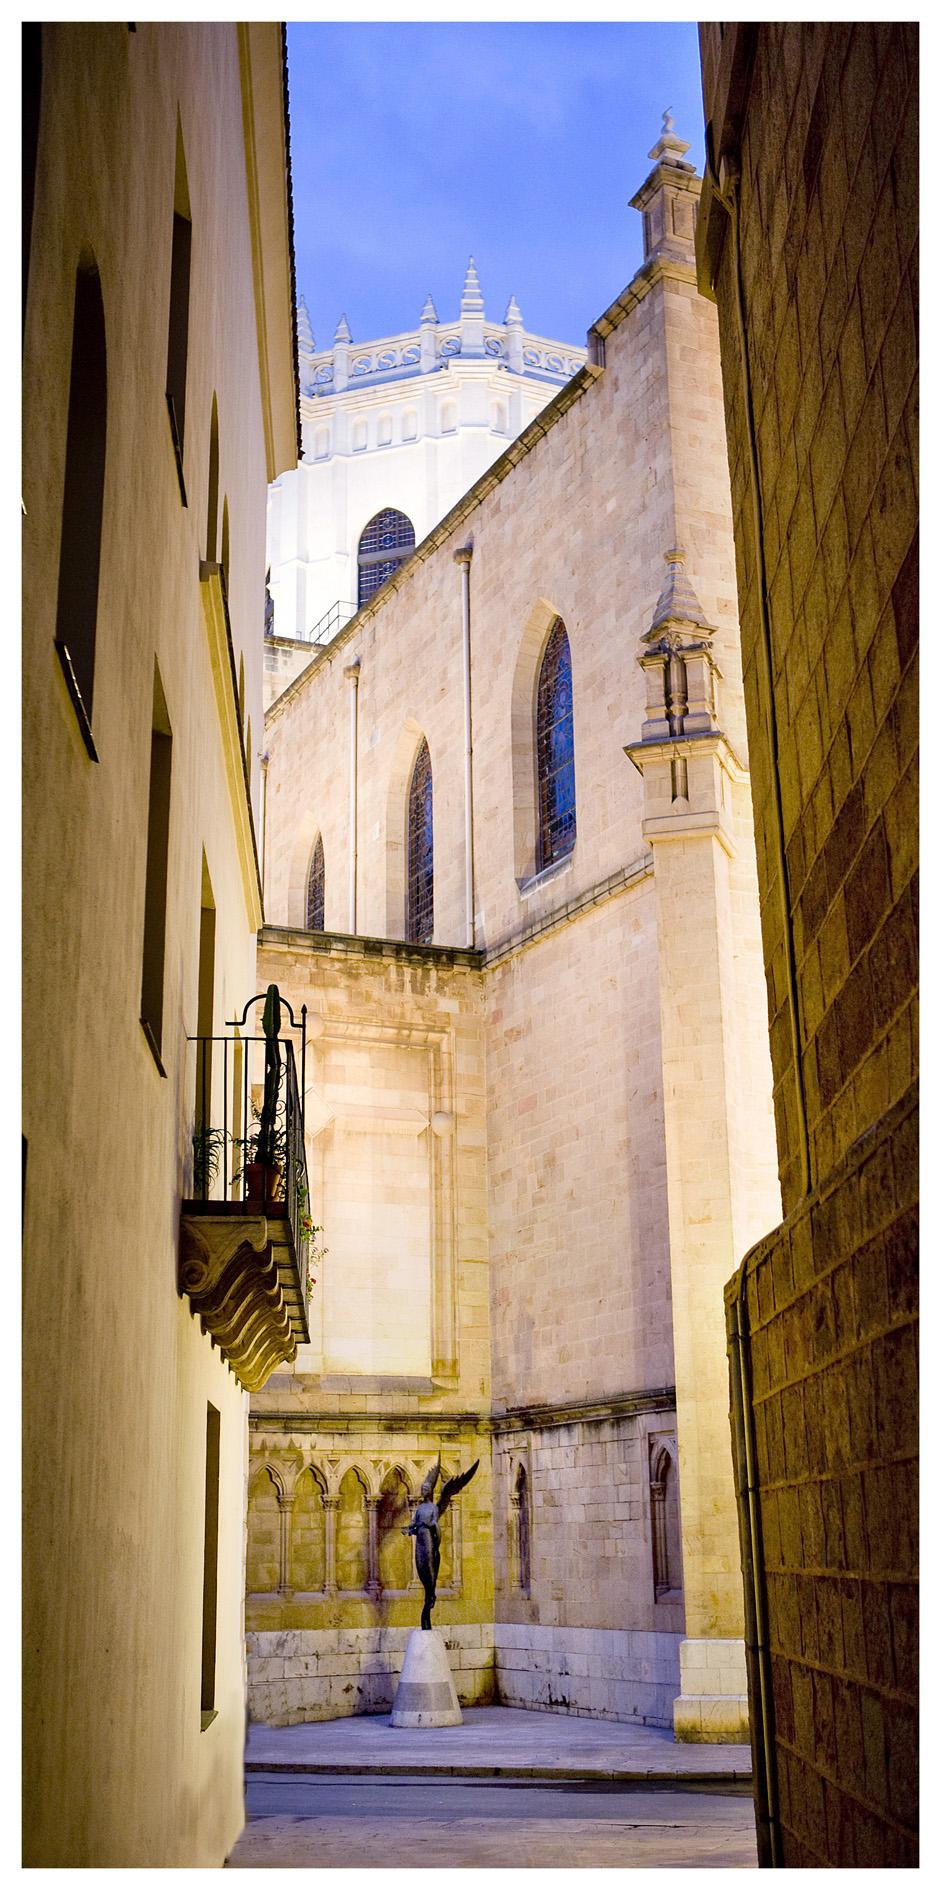 Rincones urbanos castell n turismo for Oficina turismo castellon